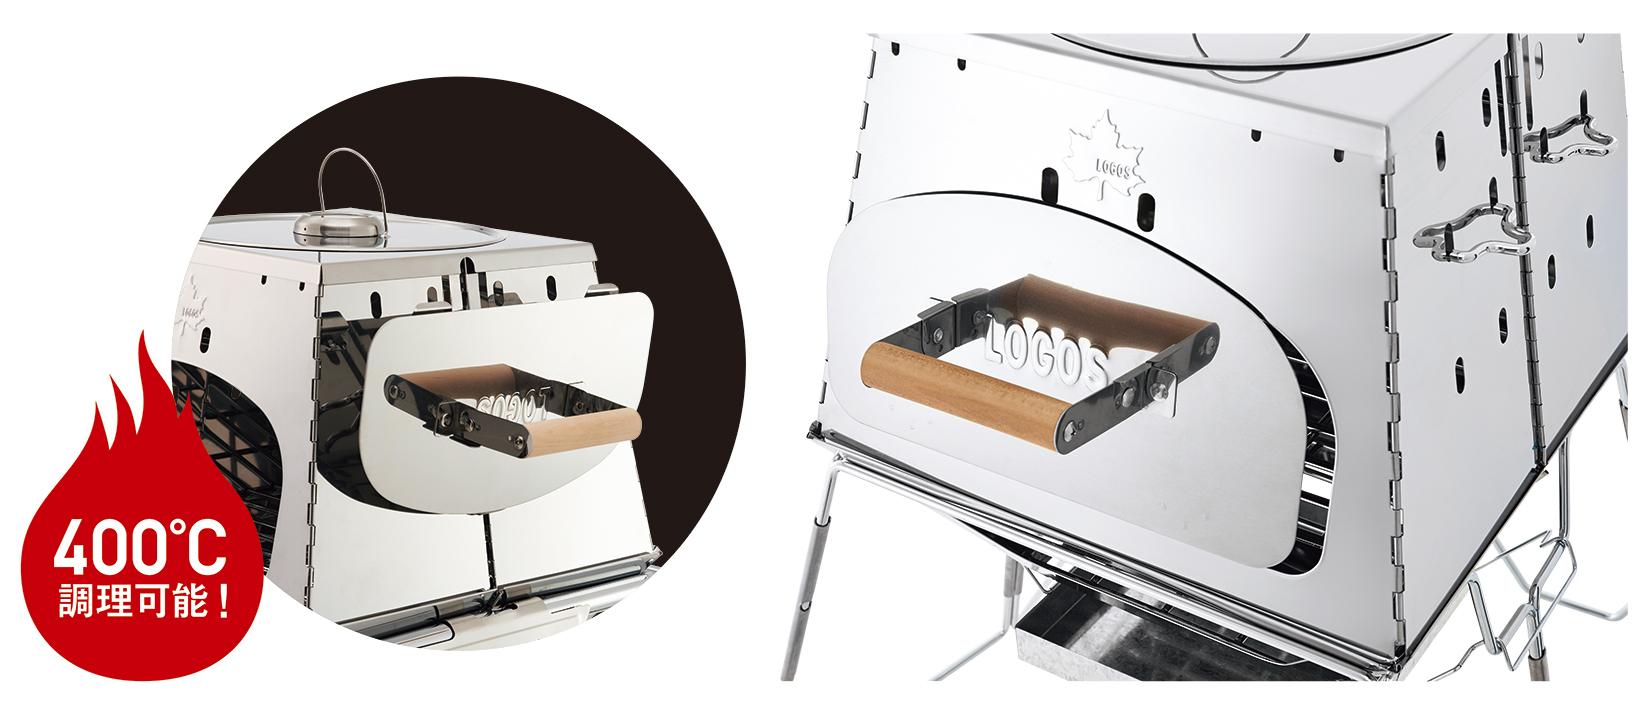 高温調理の温度管理が、更にしやすい!400℃調理可能!KAMADOの開口部を覆う専用遮温カバー